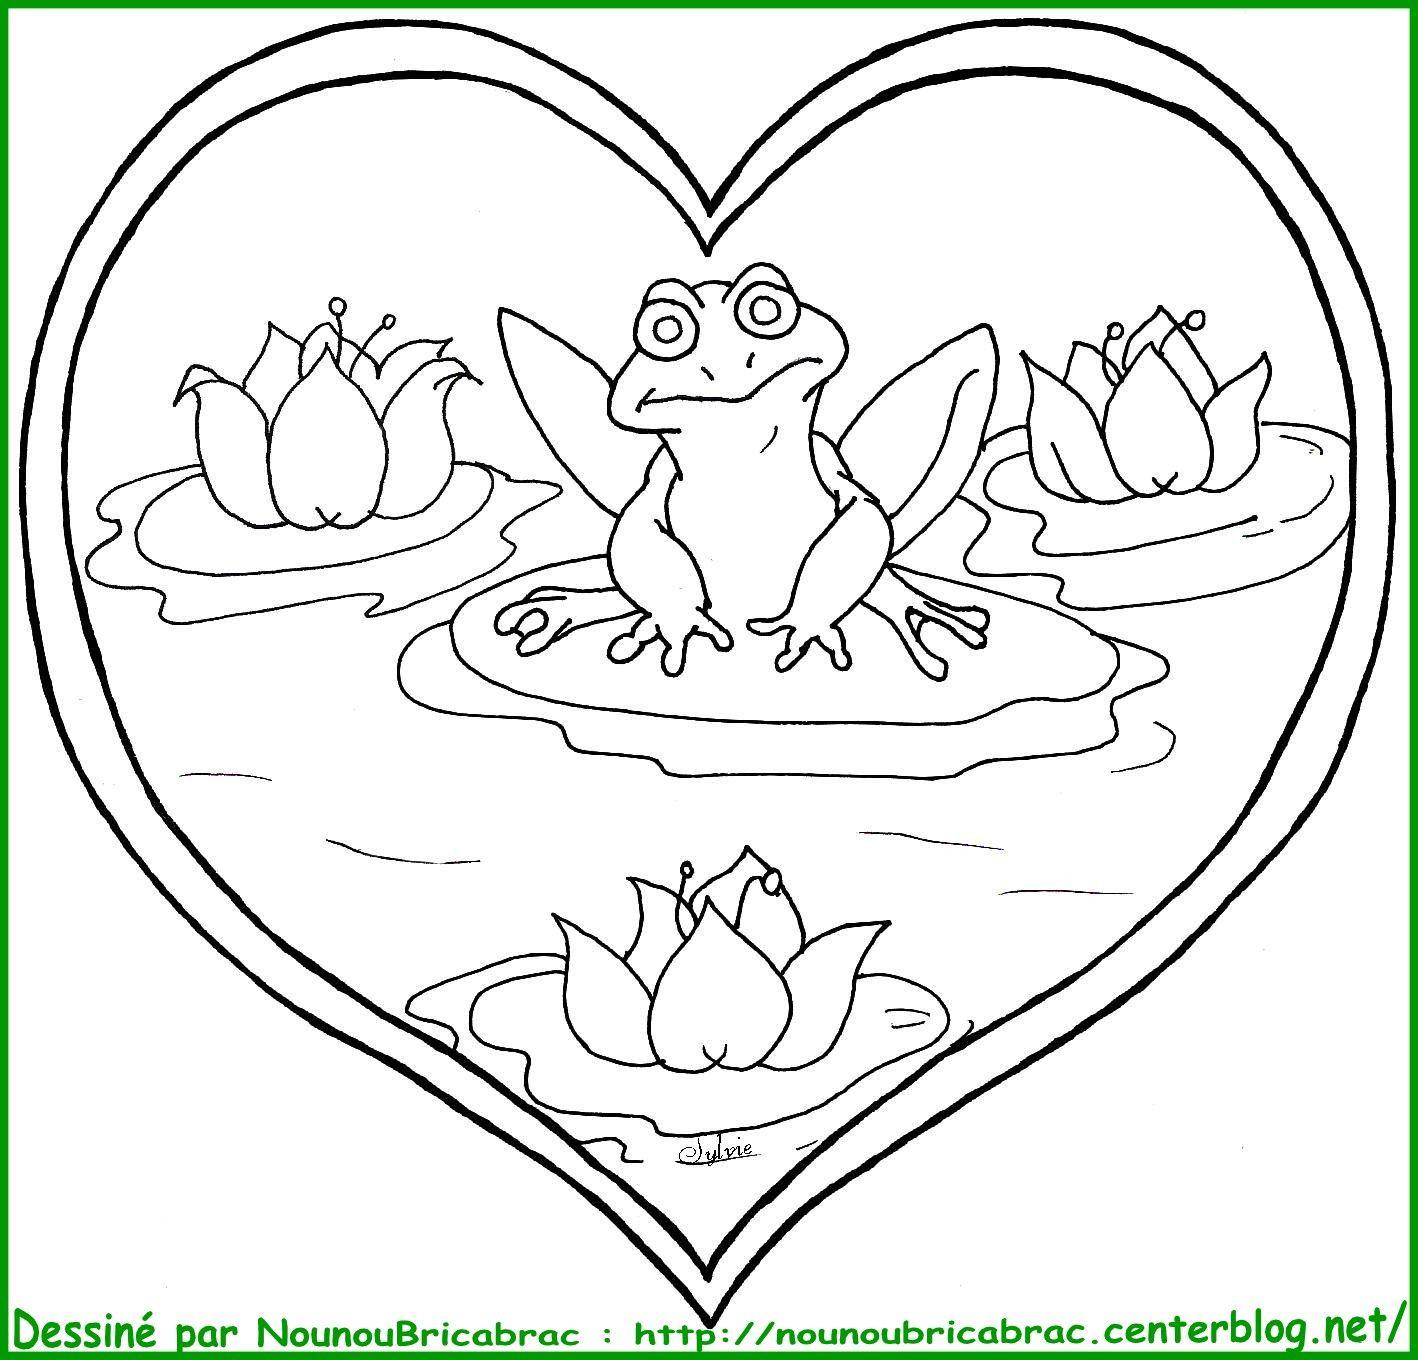 Grenouille coeur colorier - Grenouille a colorier ...